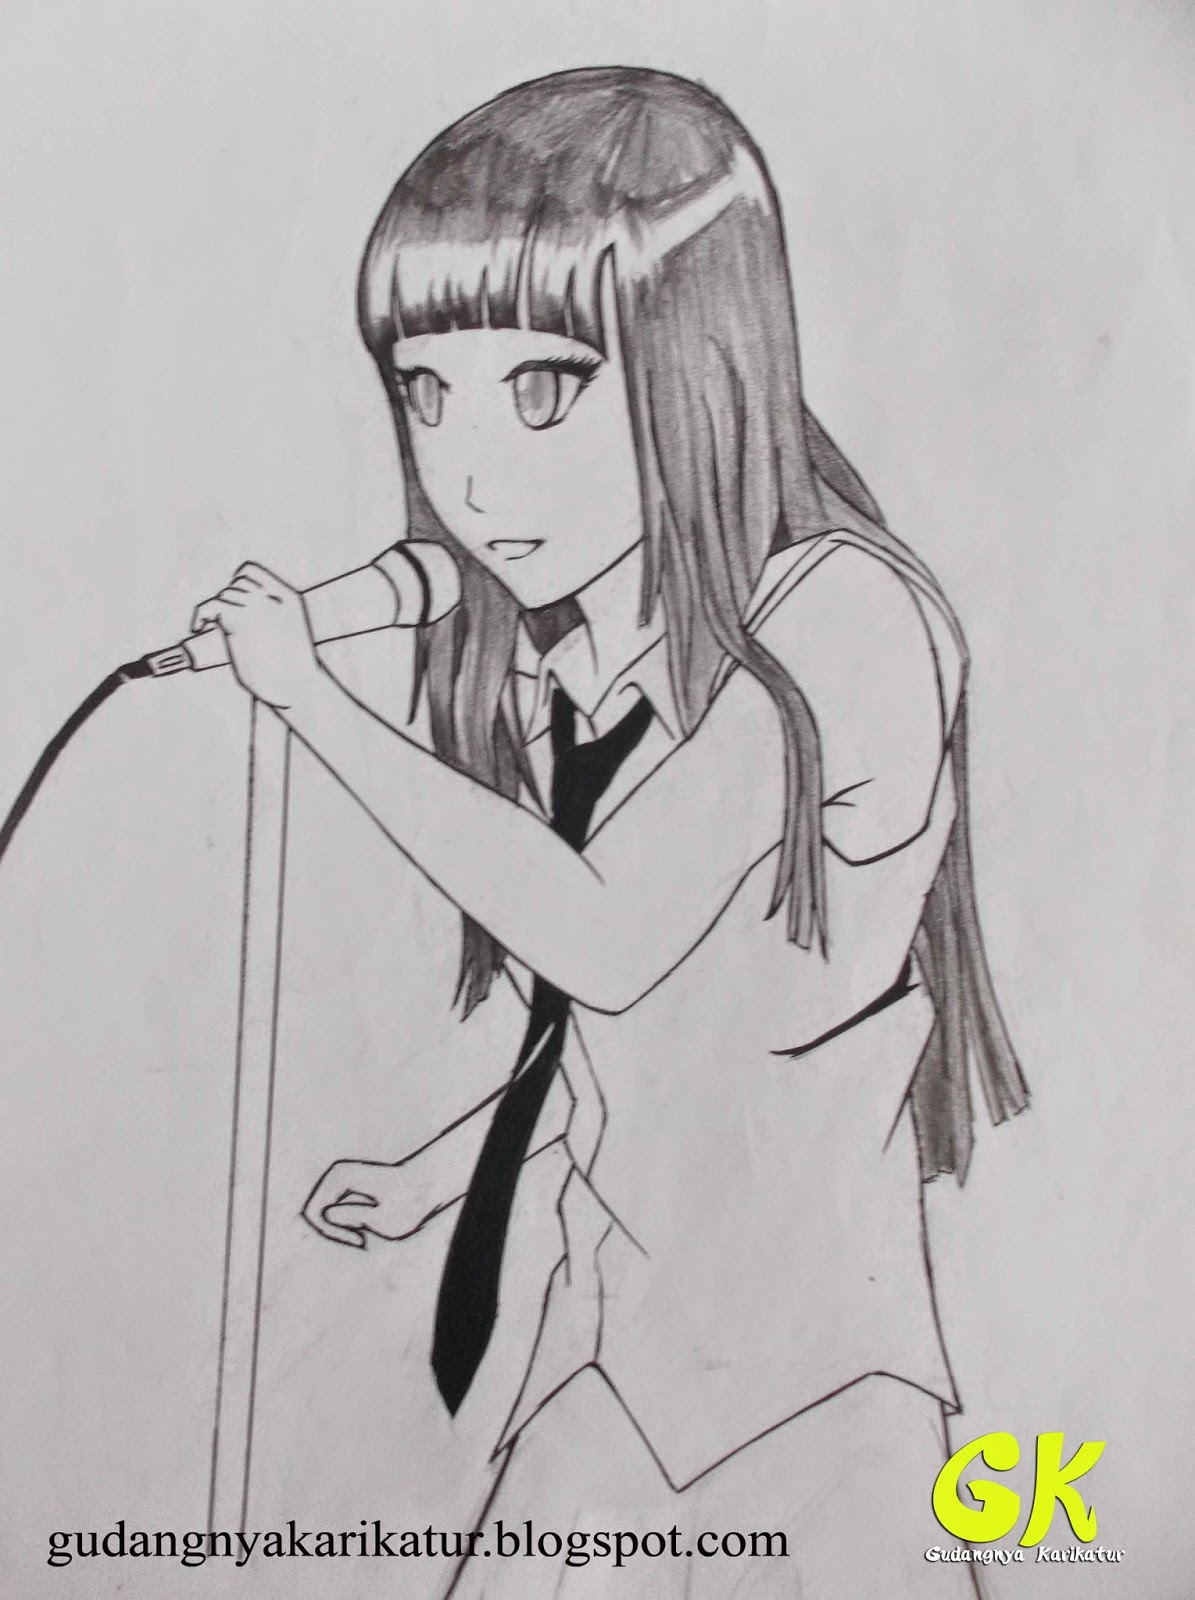 Lukis anime atau gambar kartun lainnya yang anda suka hitam putih